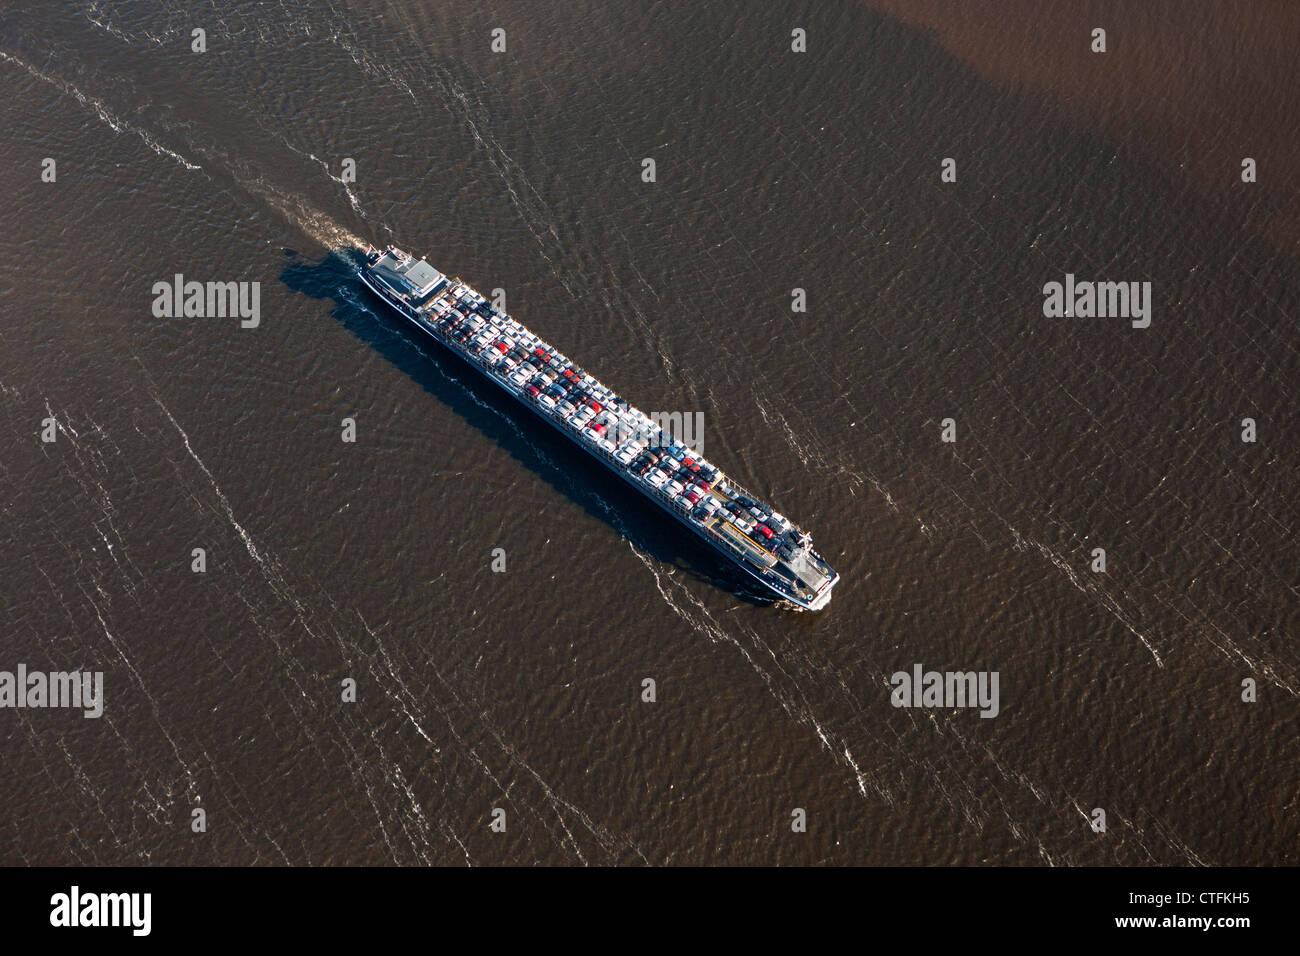 Die Niederlande, Willemstad, Fluss-Schiff Transport von Autos. Luft. Stockbild